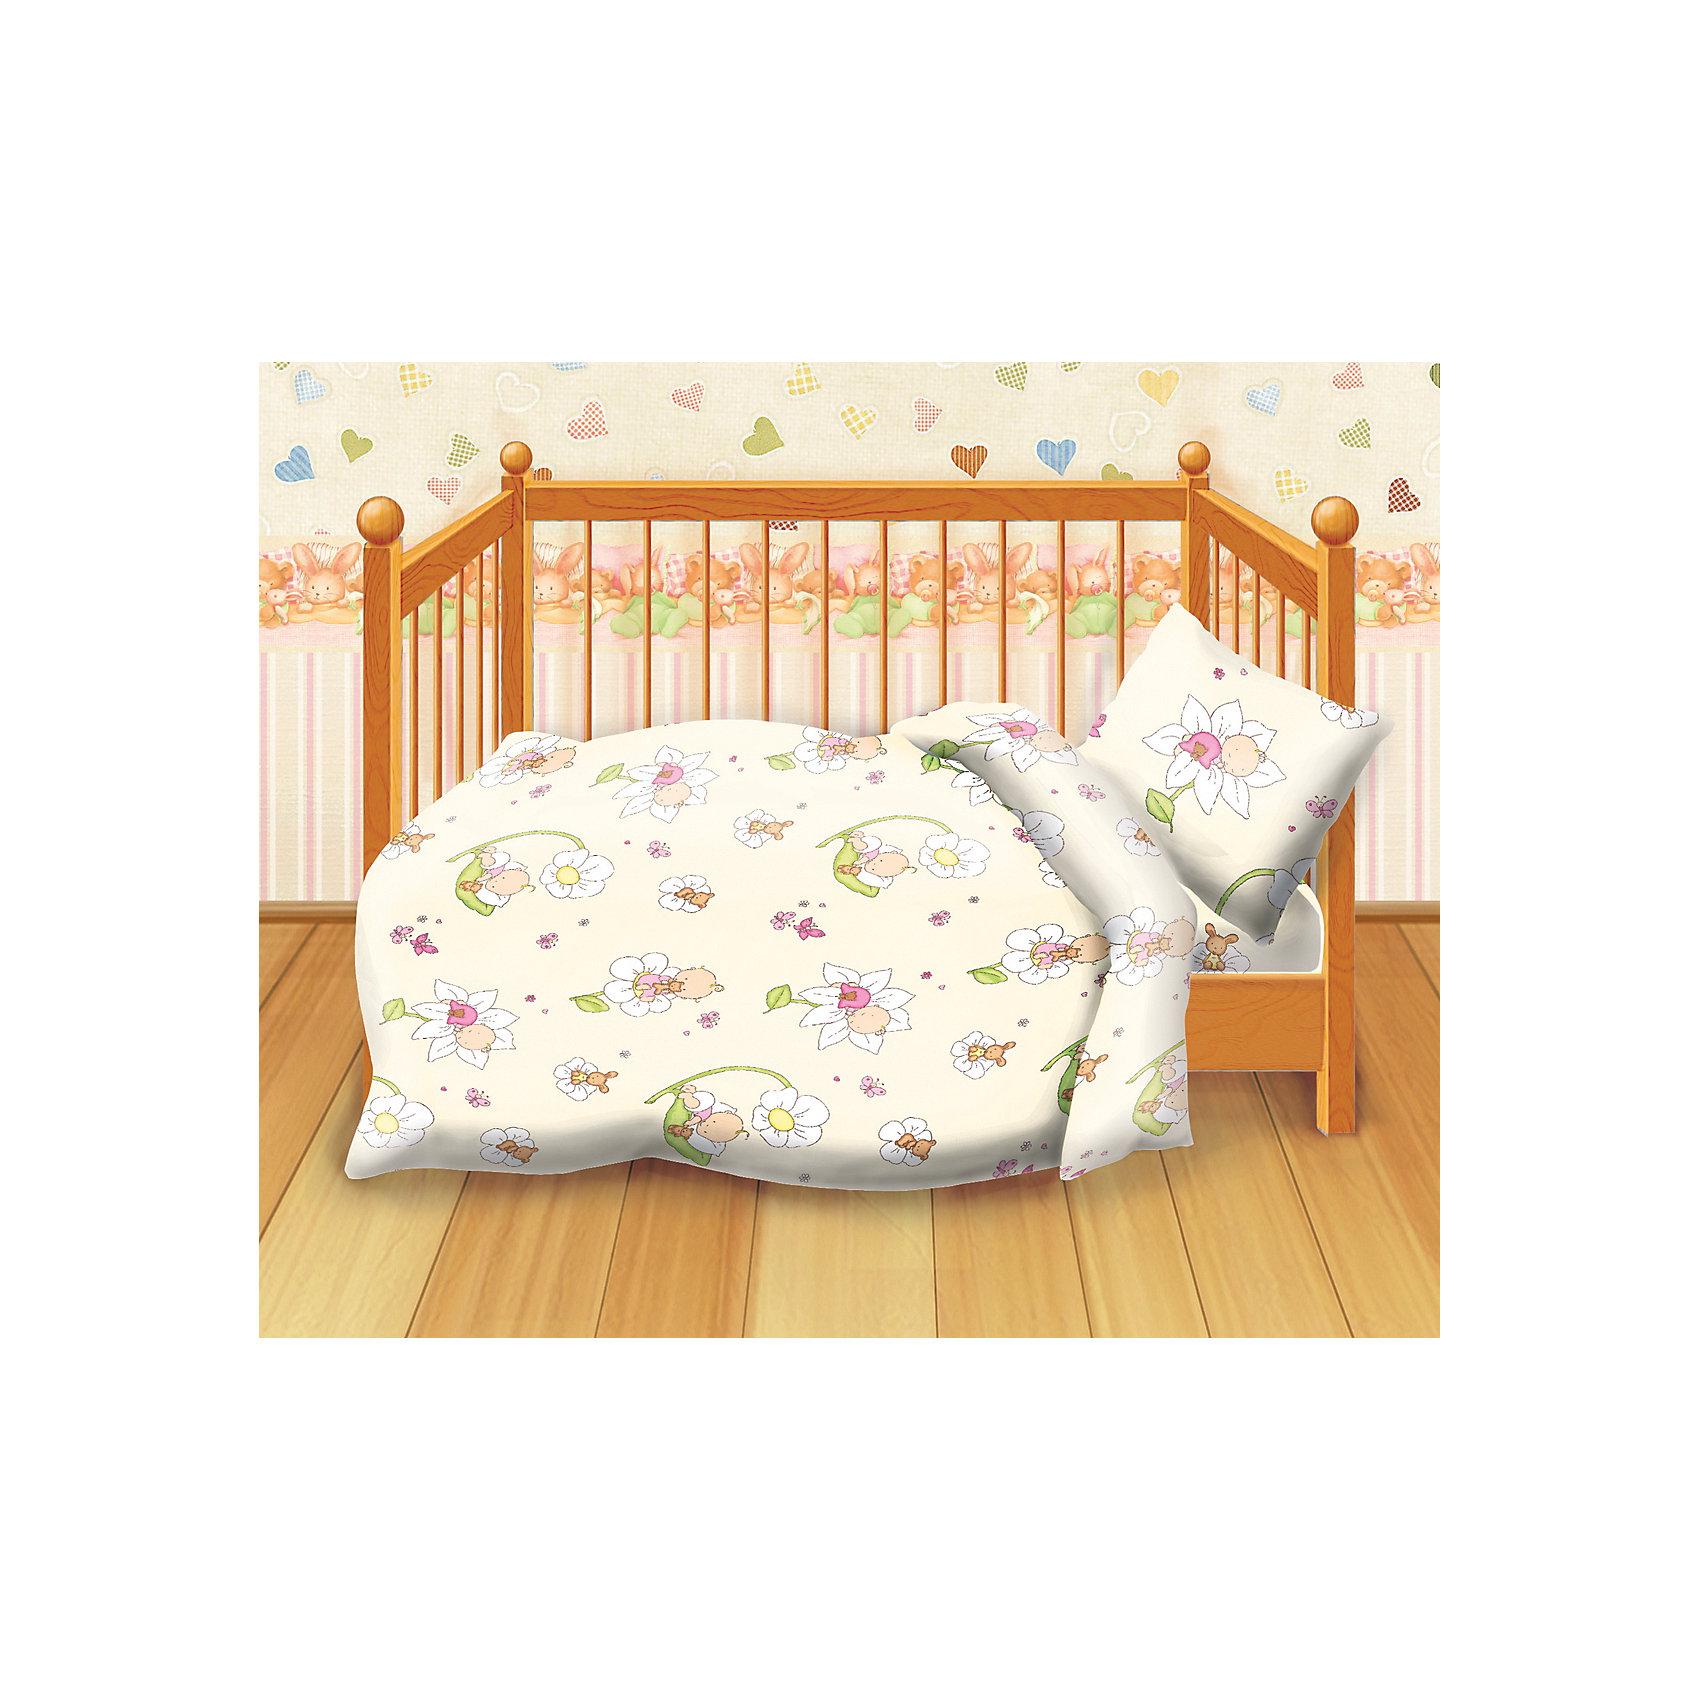 Детский комплект Малыши, Кошки-мышкиОчаровательный комплект постельного белья принесет в кроватку ребенка уют и добрые сны. Изготовлен из натурального гипоаллергенного материала приятного к телу; не выцветает, не линяет во время стирки.<br><br>Дополнительная информация:<br><br>- Пододеяльник, простыня, наволочка (1 шт.)<br>- Размер: пододеяльник - 147х112, простыня -  150х110, наволочка 40х60.<br>- Материал: бязь (100% хлопок).<br>- Плотность ткани 115 г/м2<br>- Декоративные элементы: принт.<br><br>Детский комплект Малыши, Кошки-мышки, можно купить в нашем магазине.<br><br>Ширина мм: 250<br>Глубина мм: 350<br>Высота мм: 70<br>Вес г: 1000<br>Возраст от месяцев: 0<br>Возраст до месяцев: 60<br>Пол: Унисекс<br>Возраст: Детский<br>SKU: 4358347